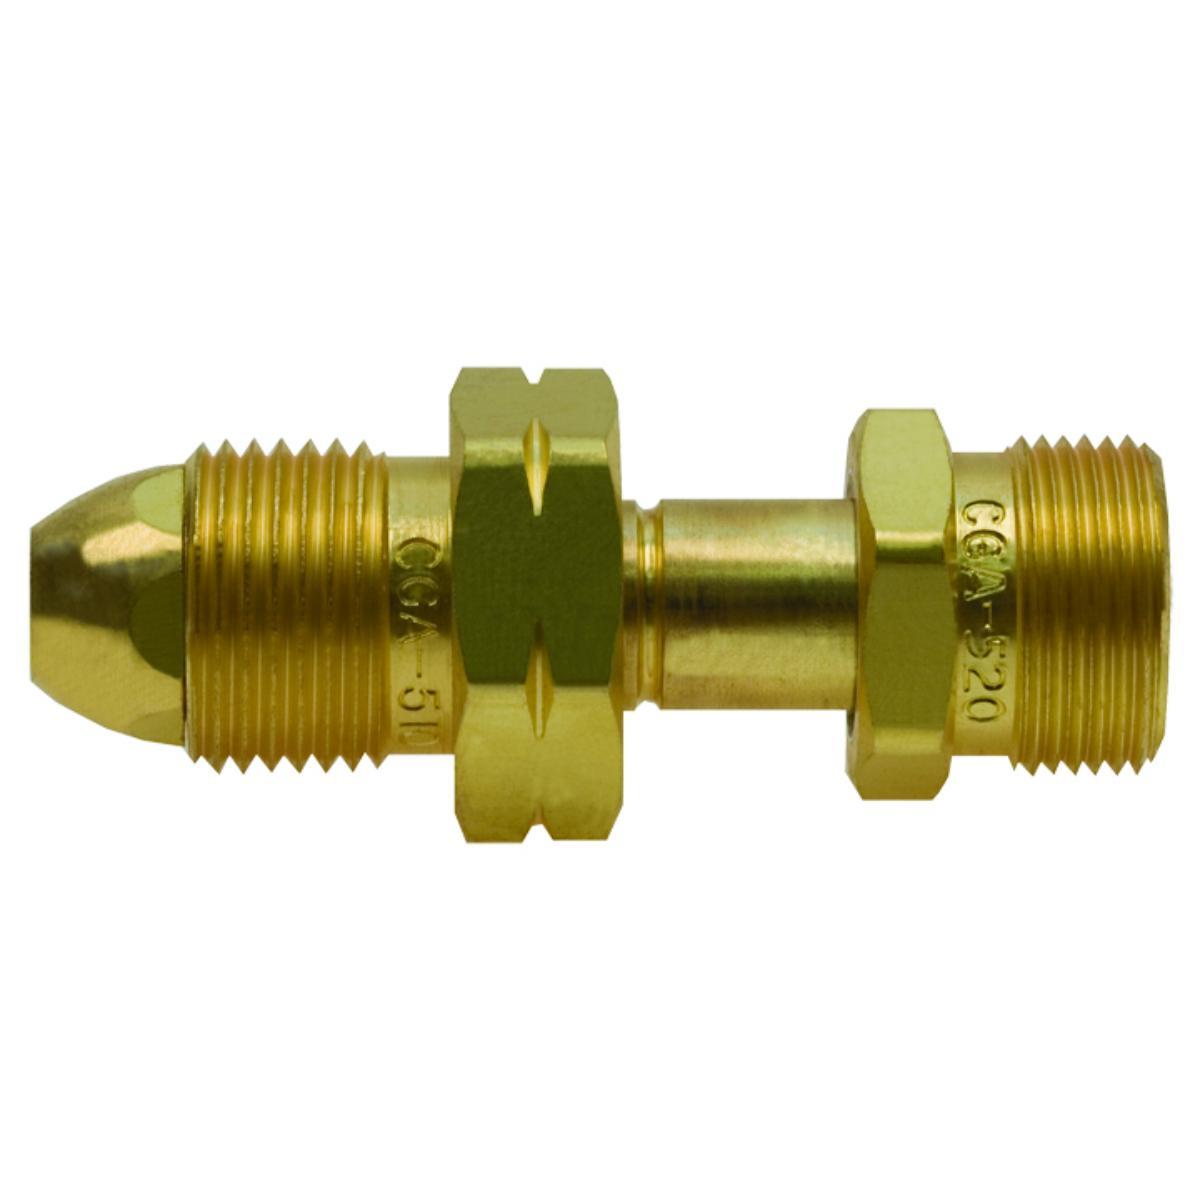 A, CYL ADAPTOR, CGA-510 X 520 (WE 315)